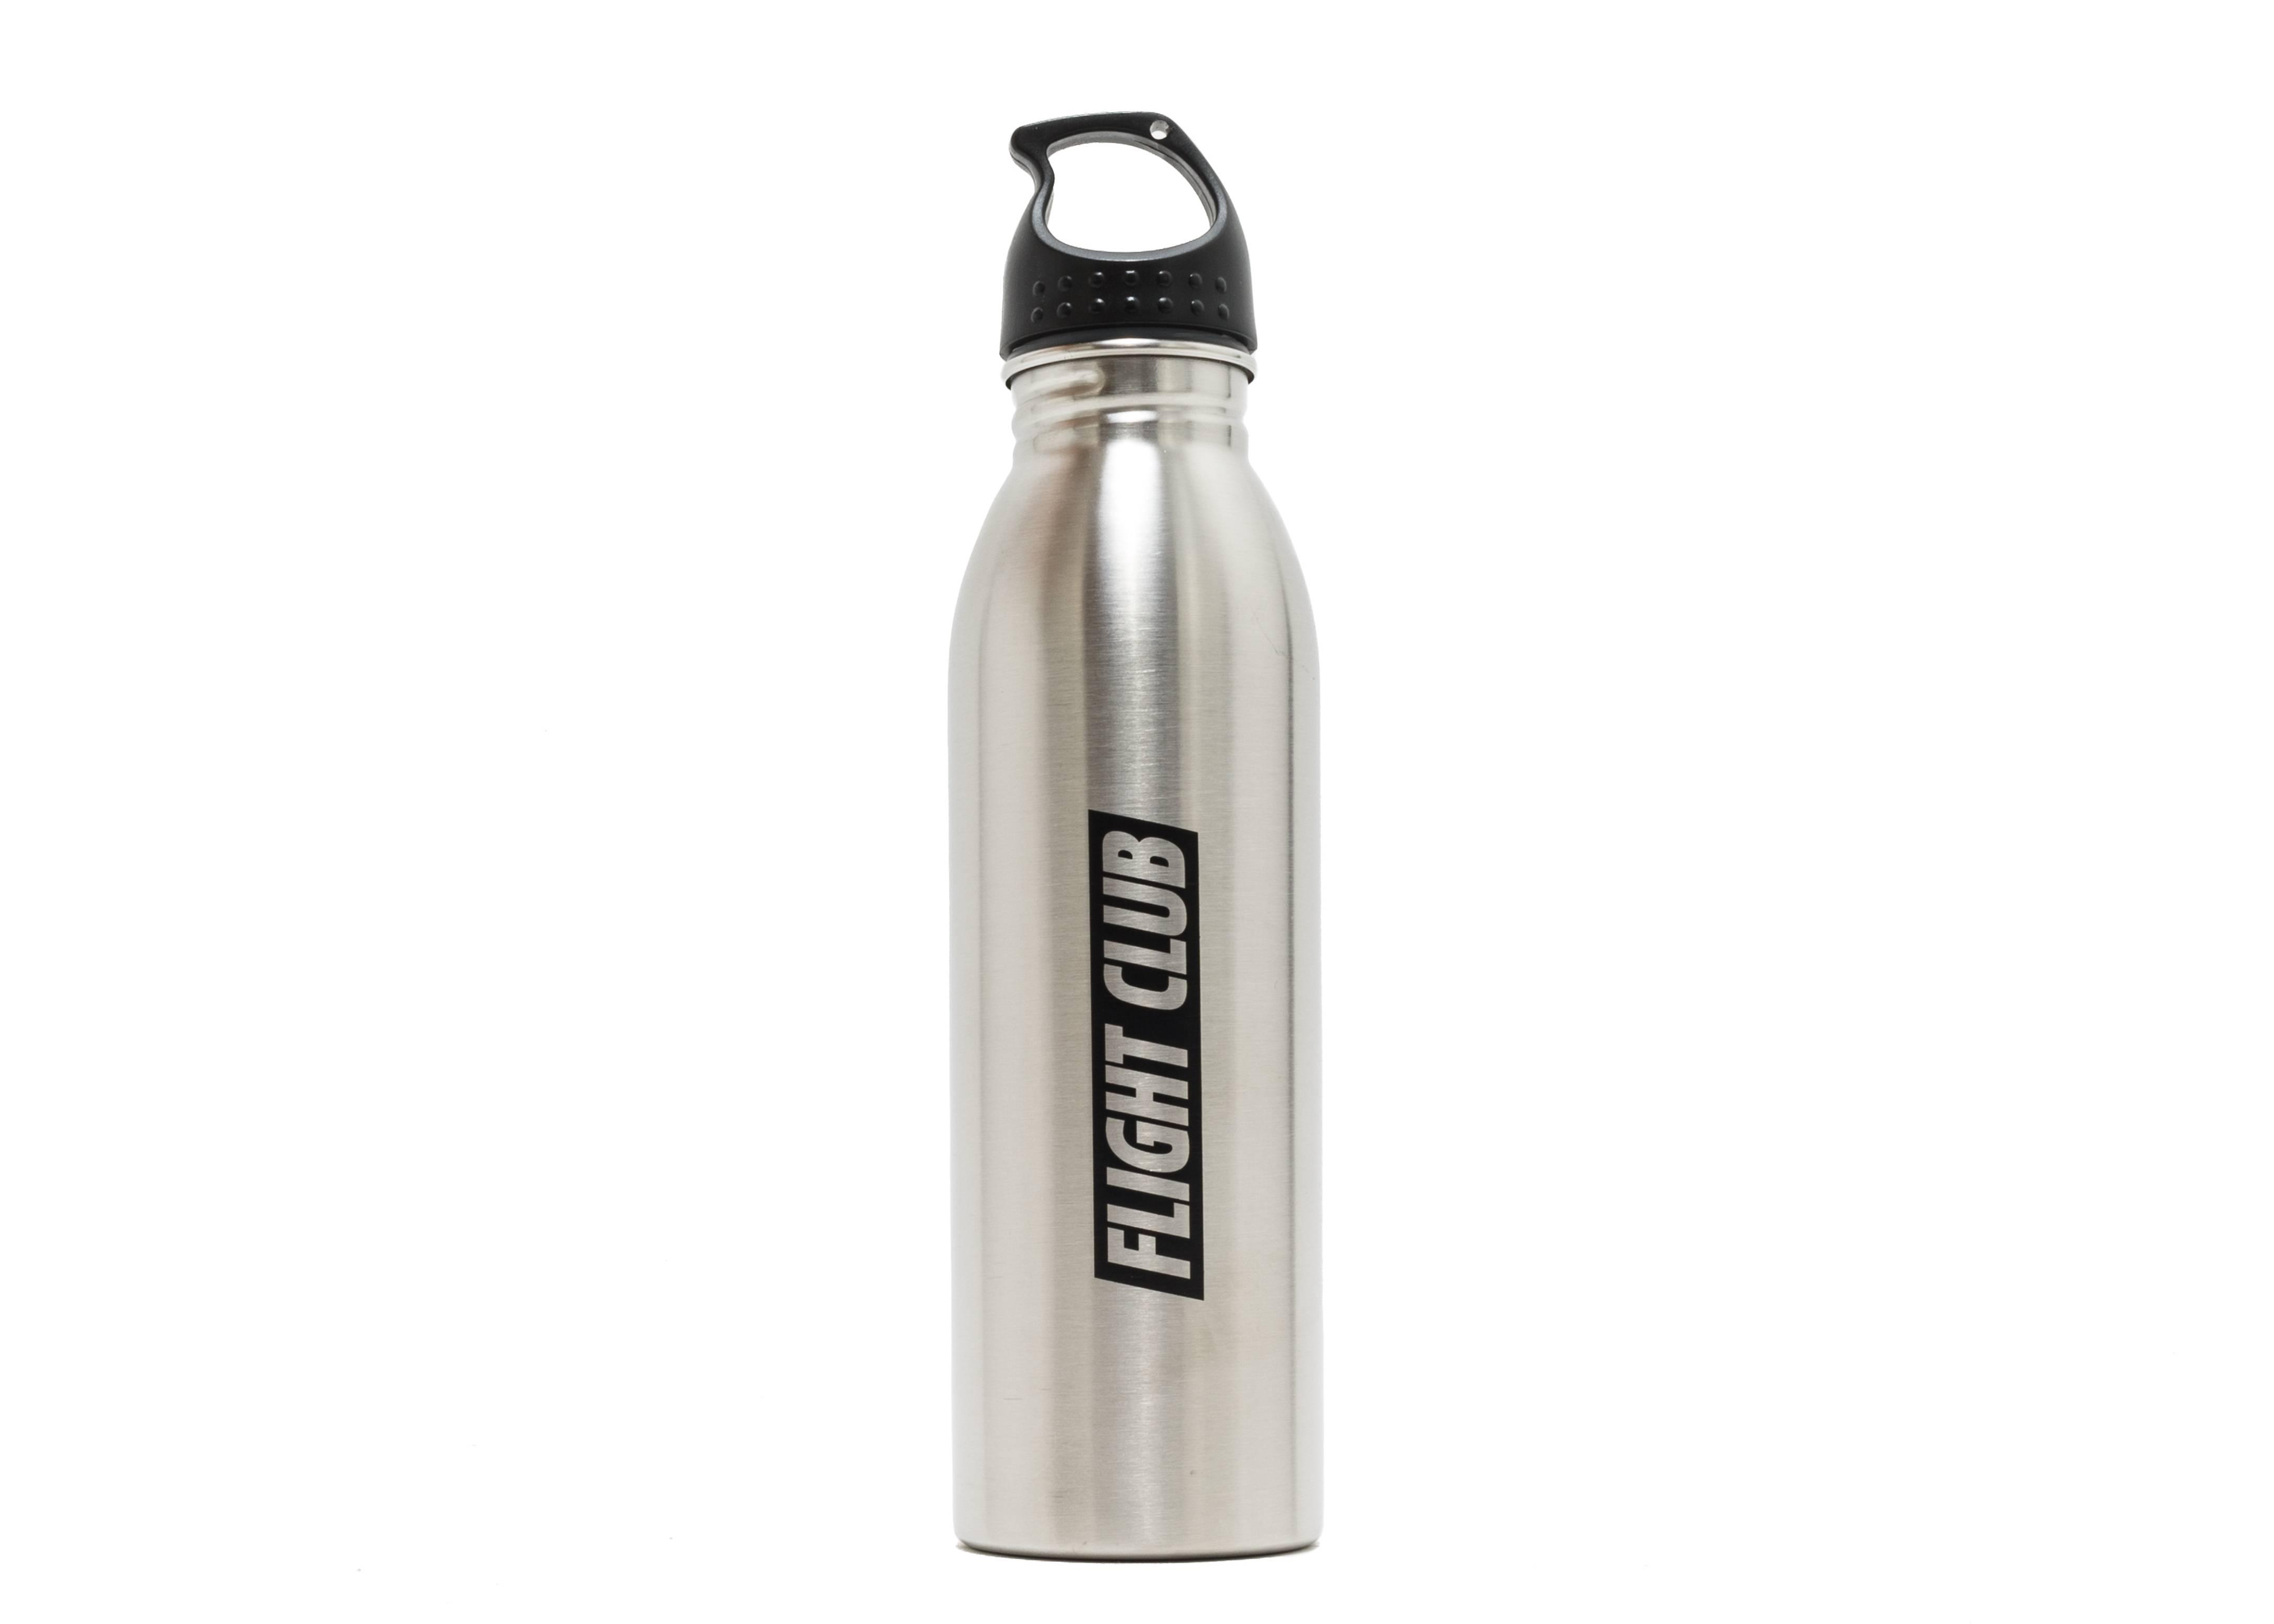 710 ml water bottle